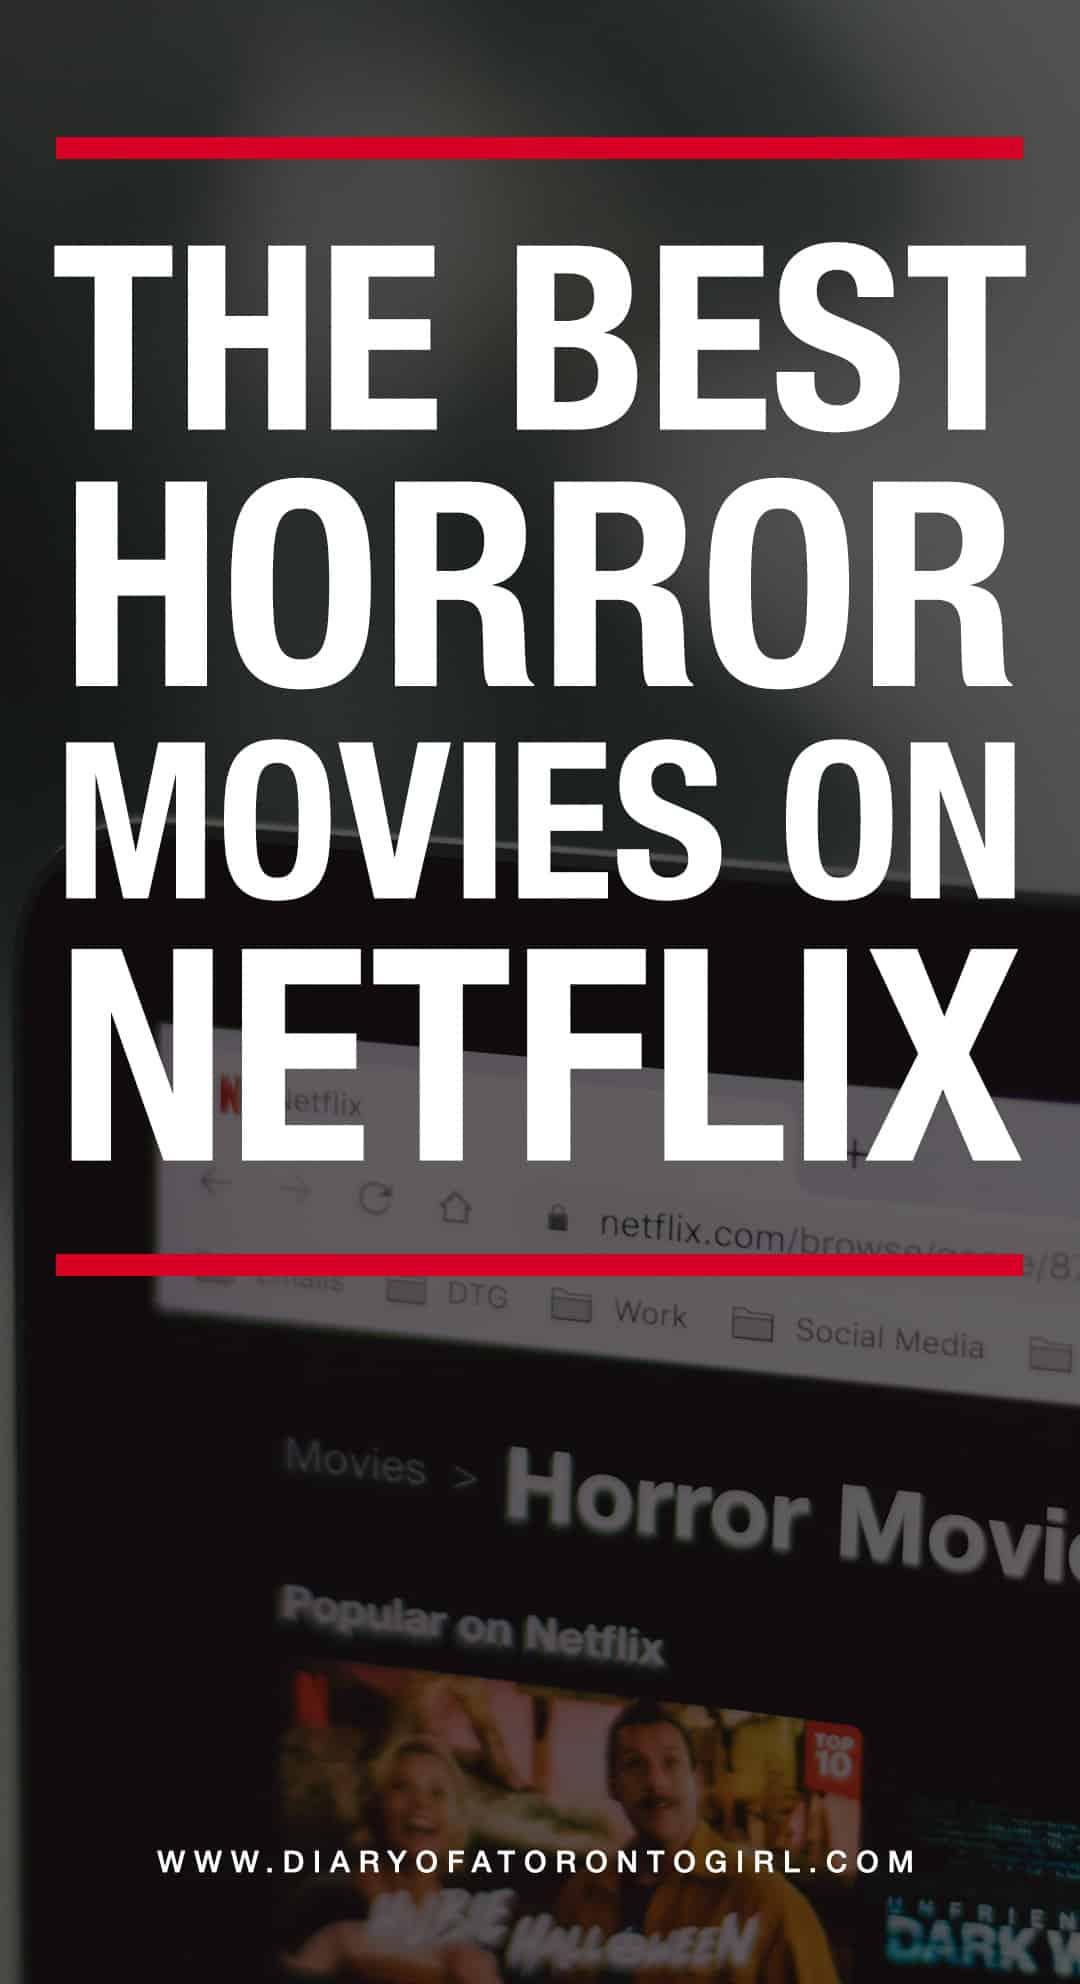 Les meilleurs films d'horreur sur Netflix Canada à regarder en frénésie, que vous soyez amateur d'horreurs psychologiques intenses ou de films surnaturels!